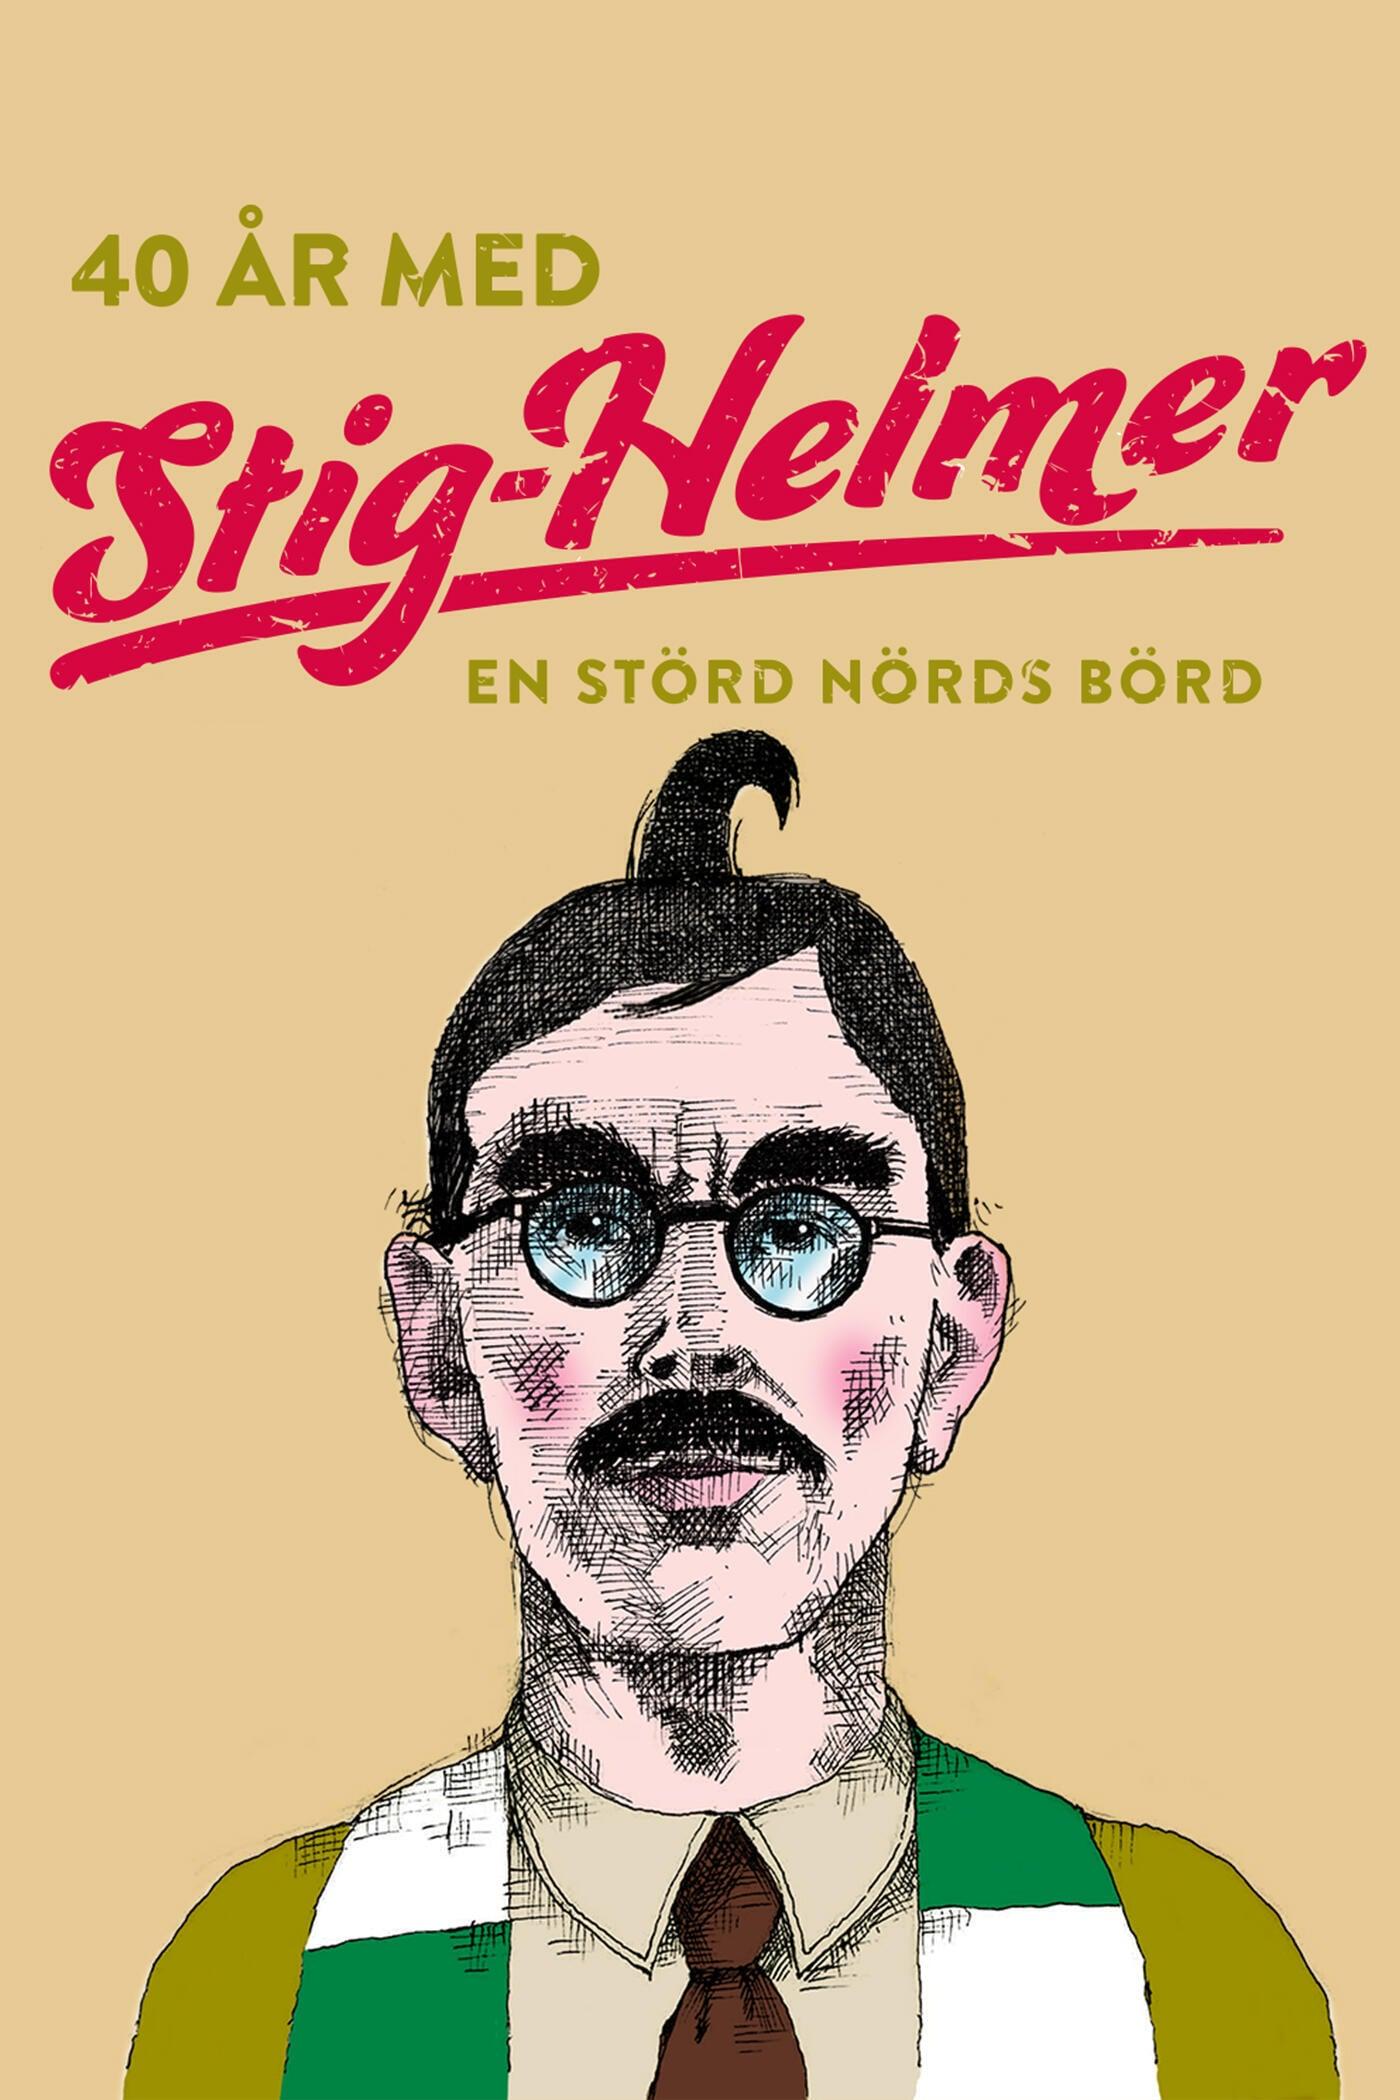 40 år med Stig-Helmer - en störd nörds börd